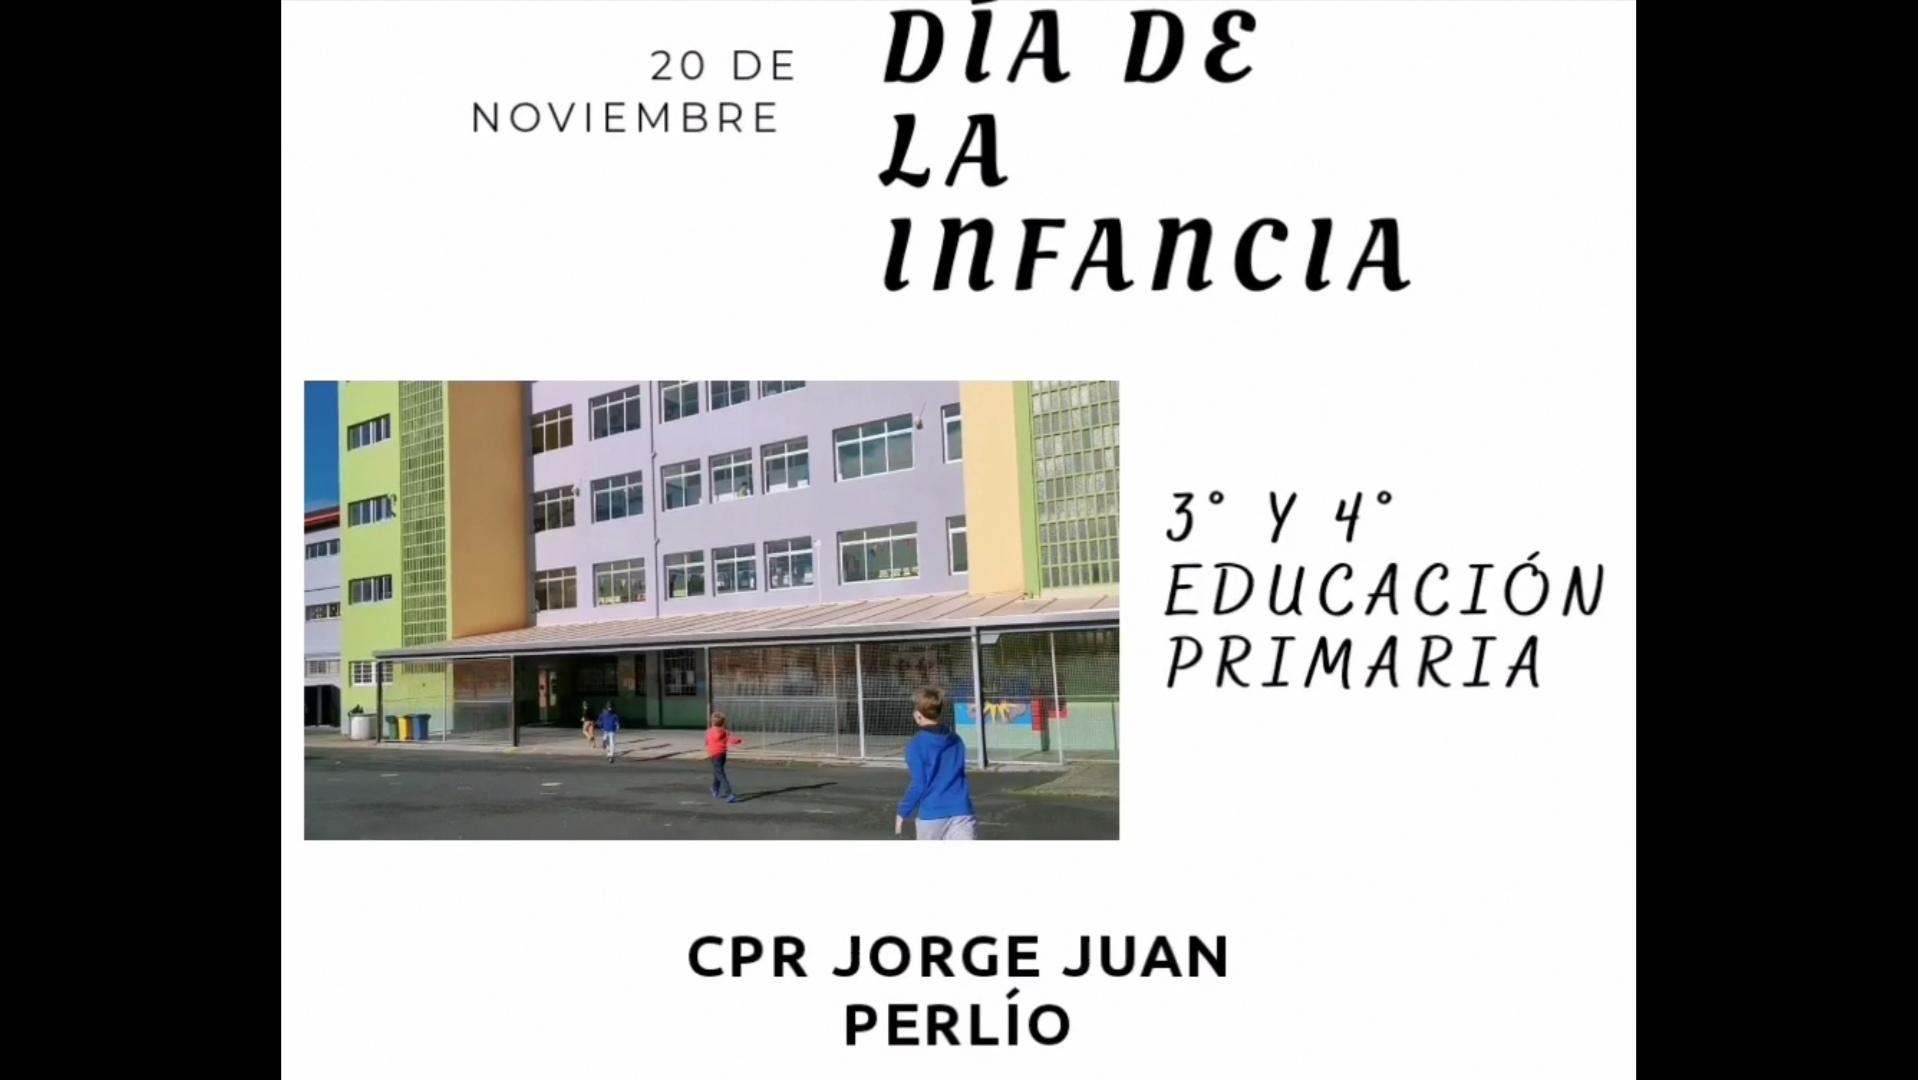 20 de Novembro, Día da Infancia